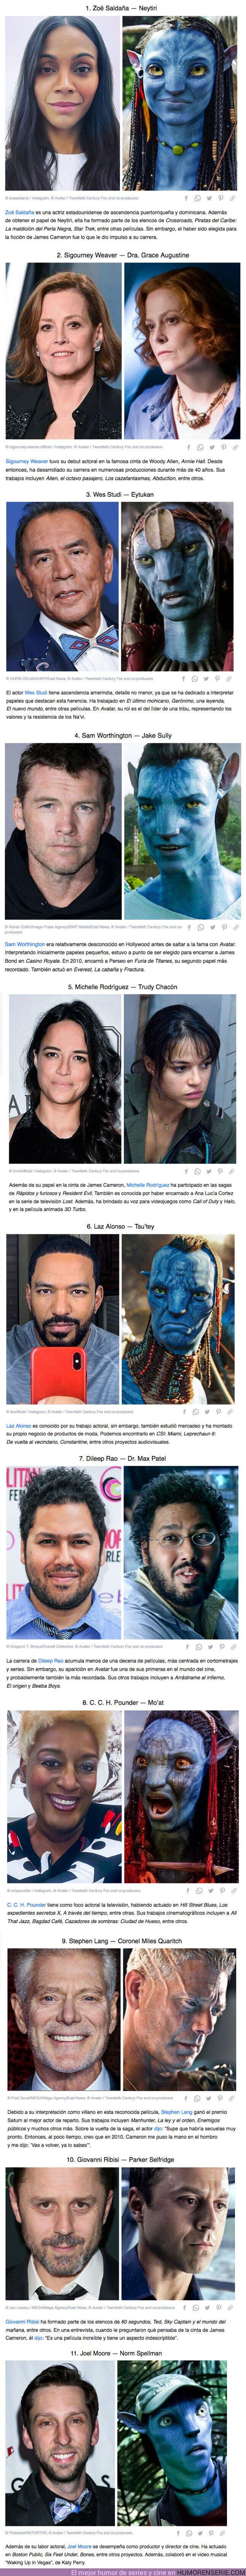 """68578 - GALERÍA: 11 Personajes de """"Avatar"""" y sus actores en la vida real"""